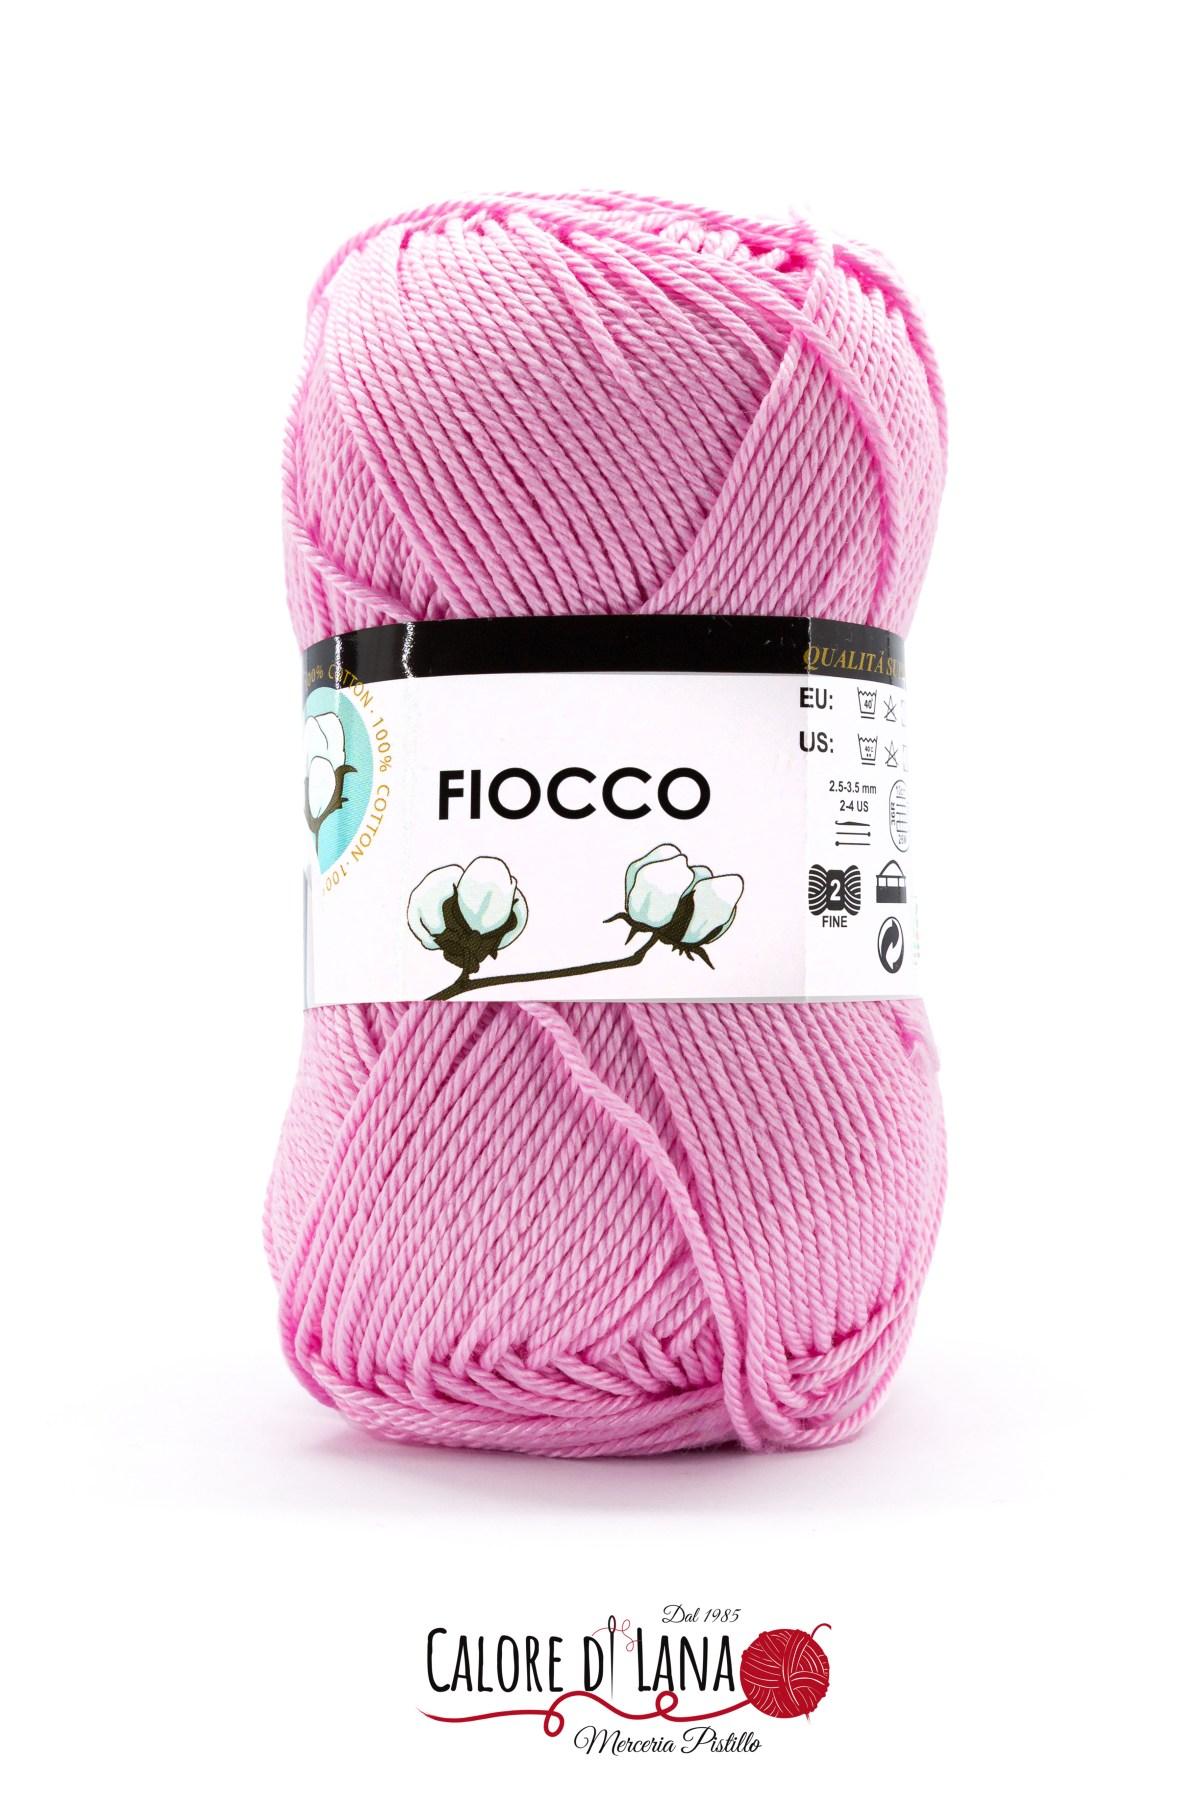 Cotone Fiocco - Calore di Lana www.caloredilana.com